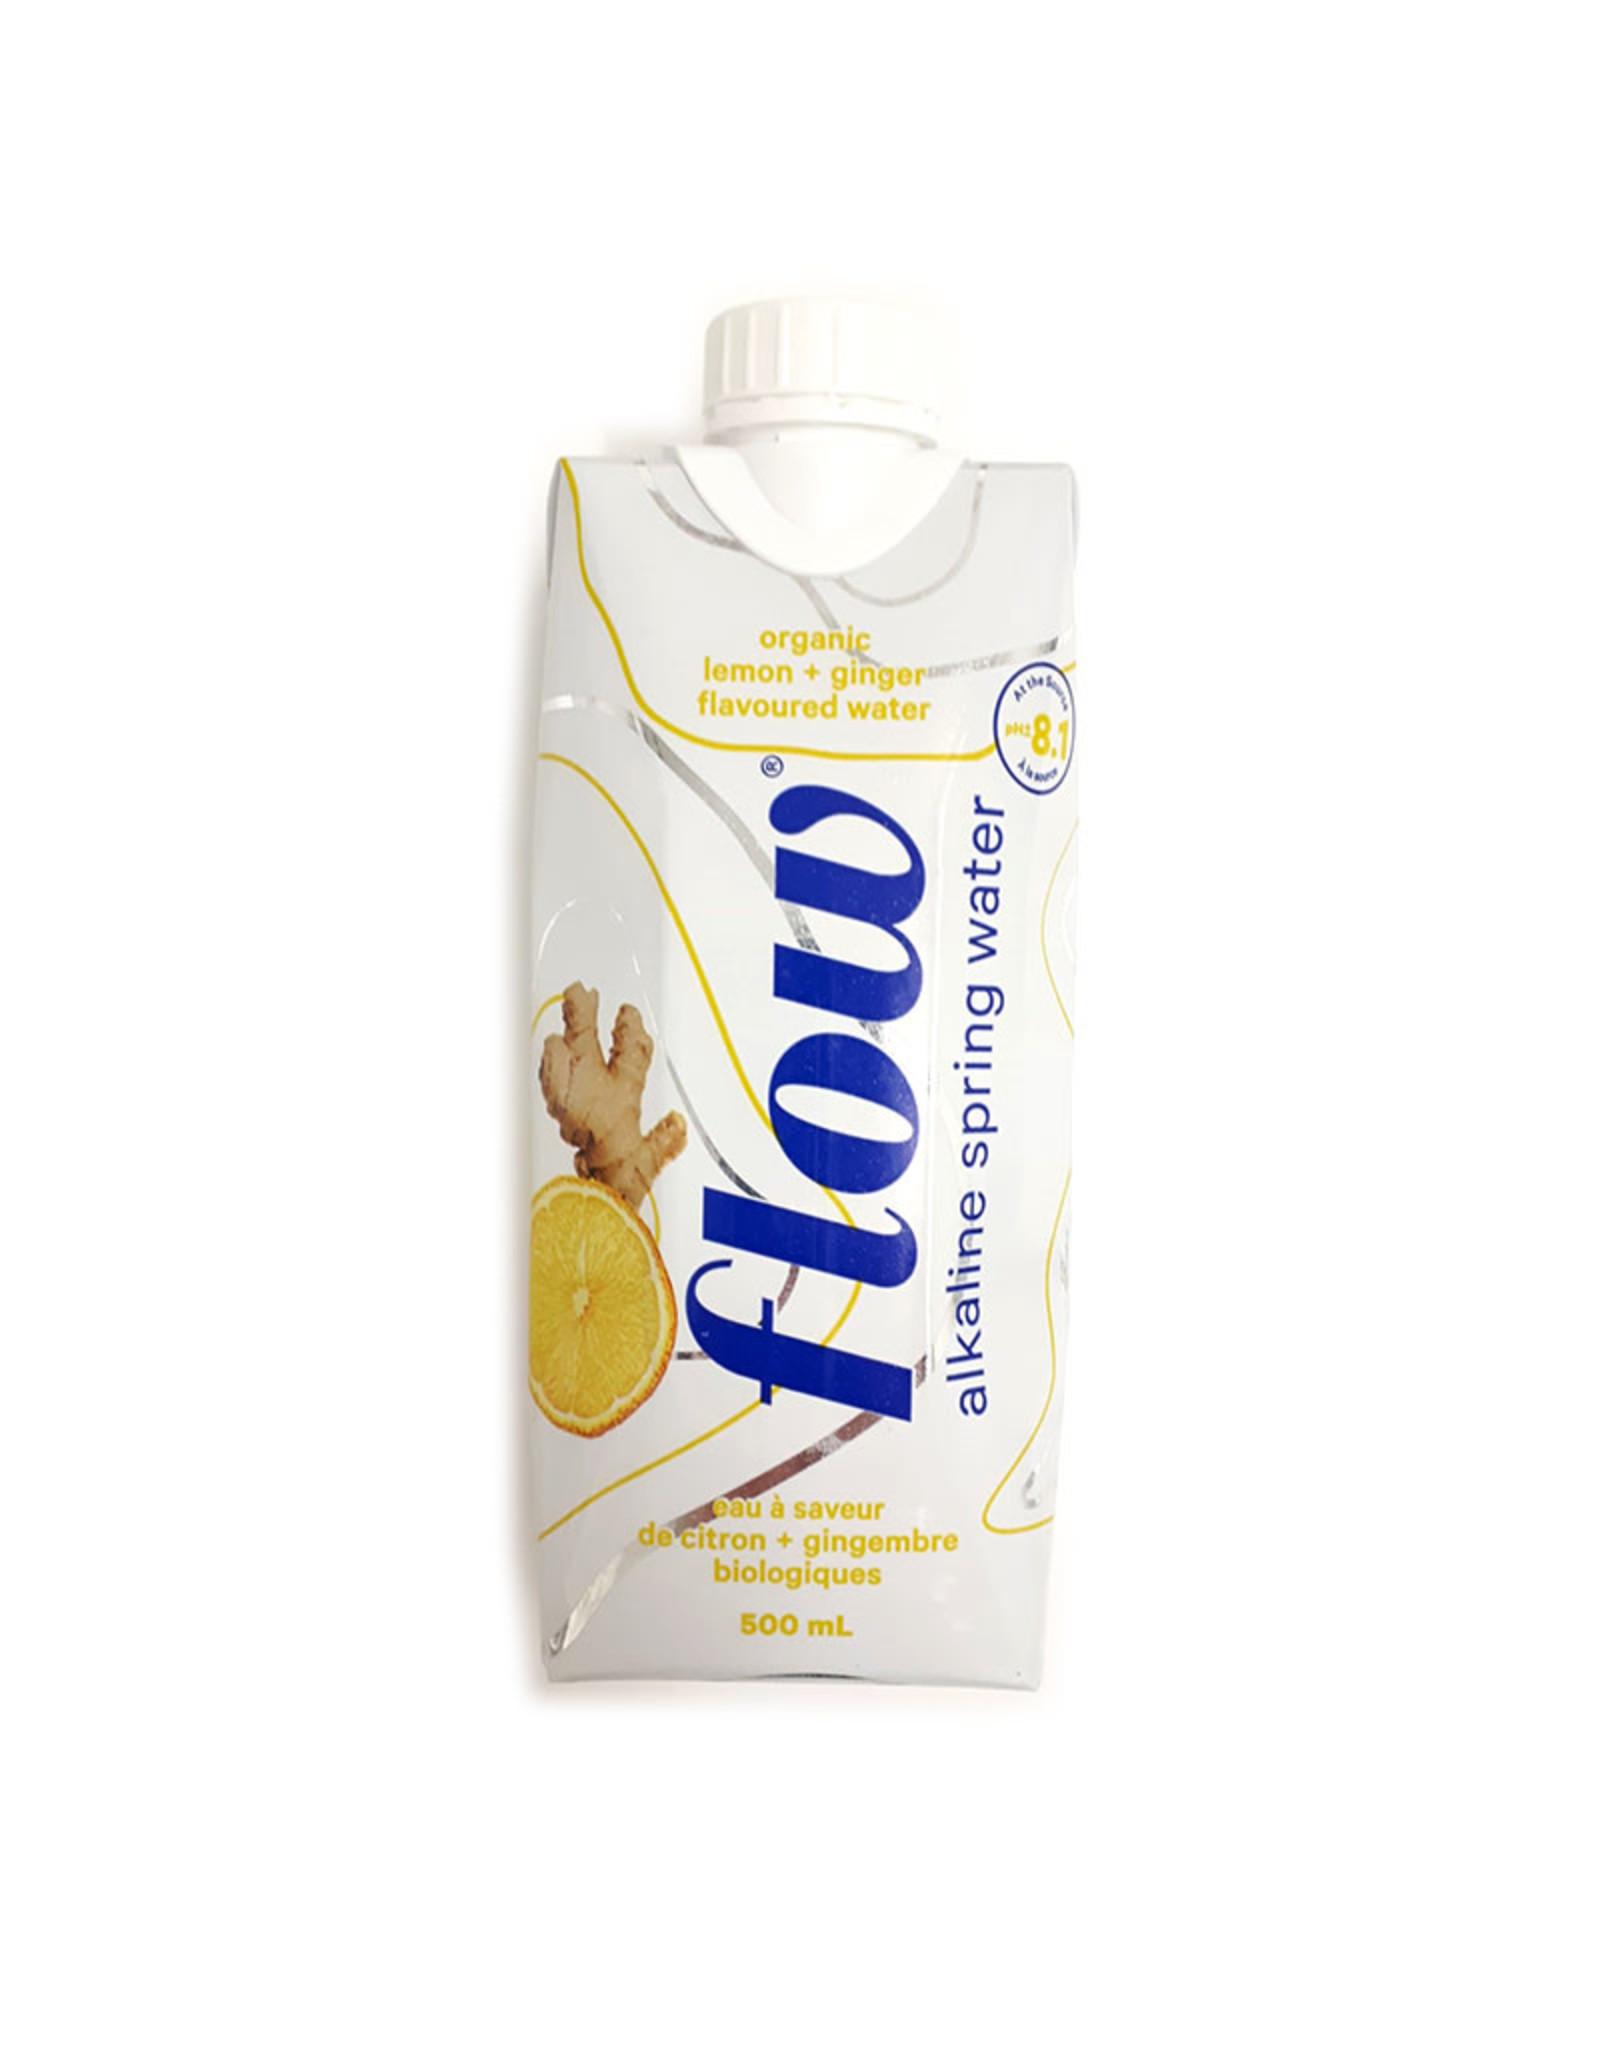 Flow Flow - Eau de Source Naturellement Alcaline, Citron+gingembre Bio (500ml)